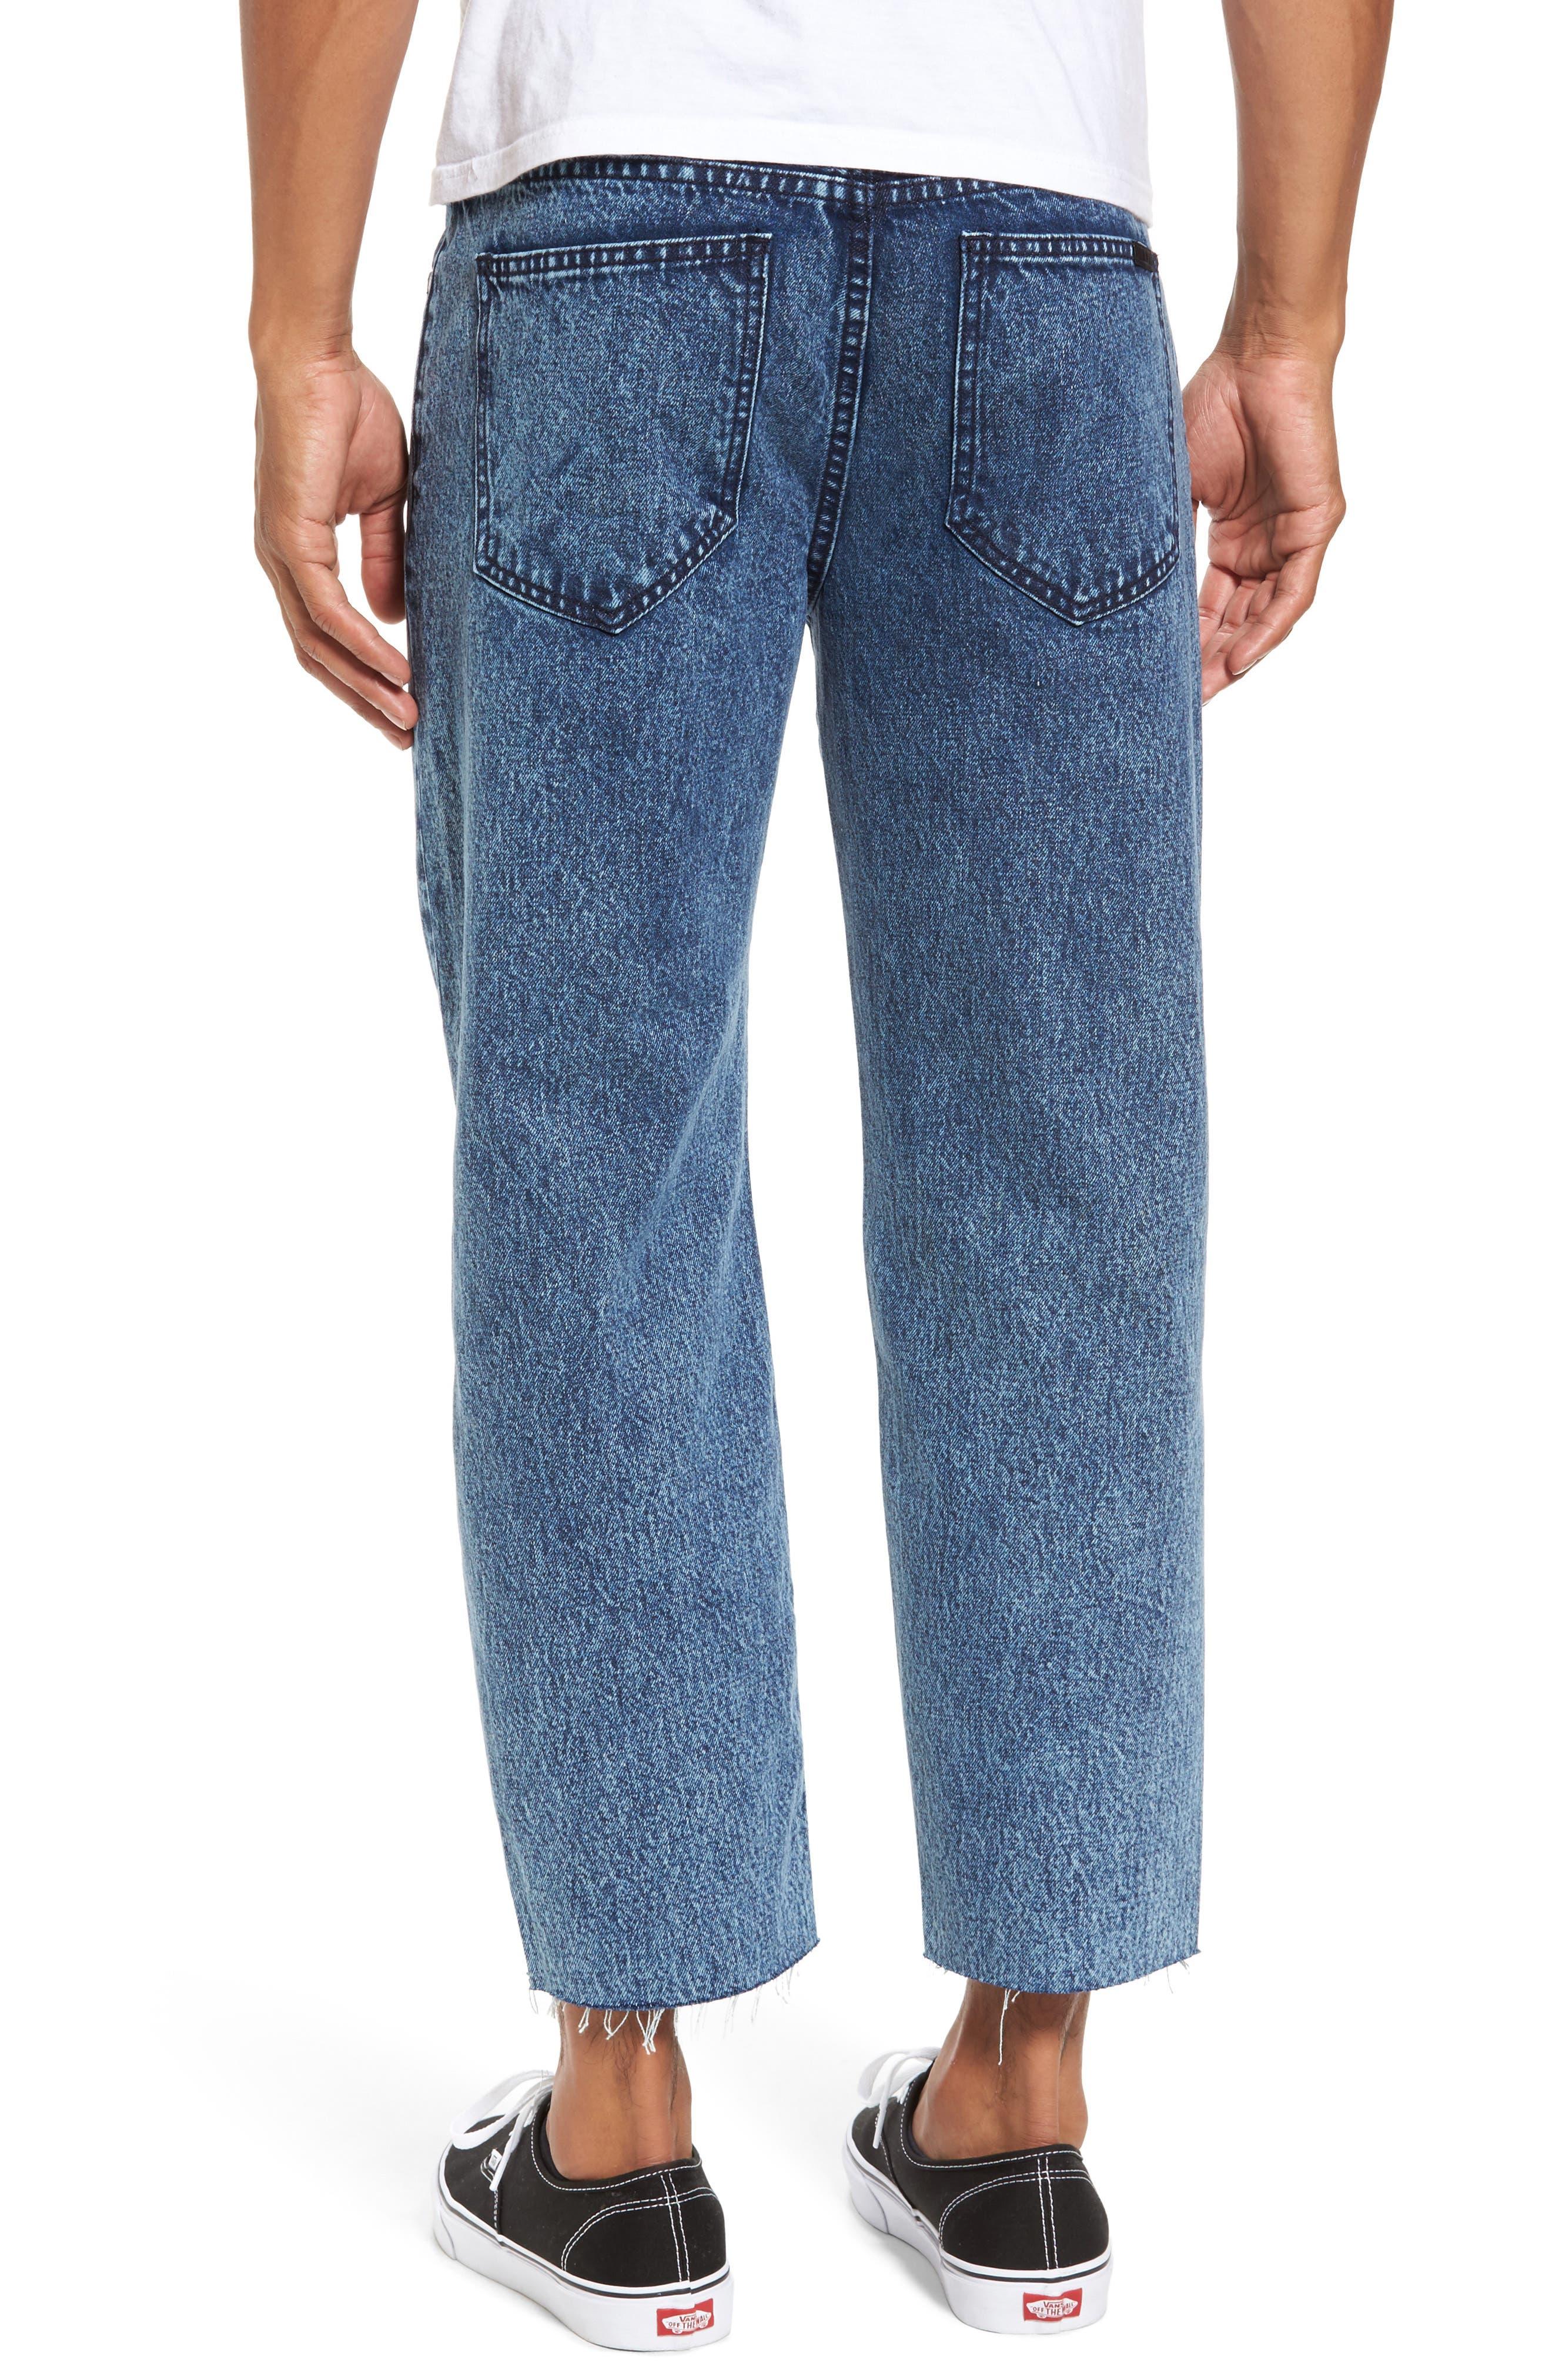 Otis Straight Fit Crop Jeans,                             Alternate thumbnail 2, color,                             400